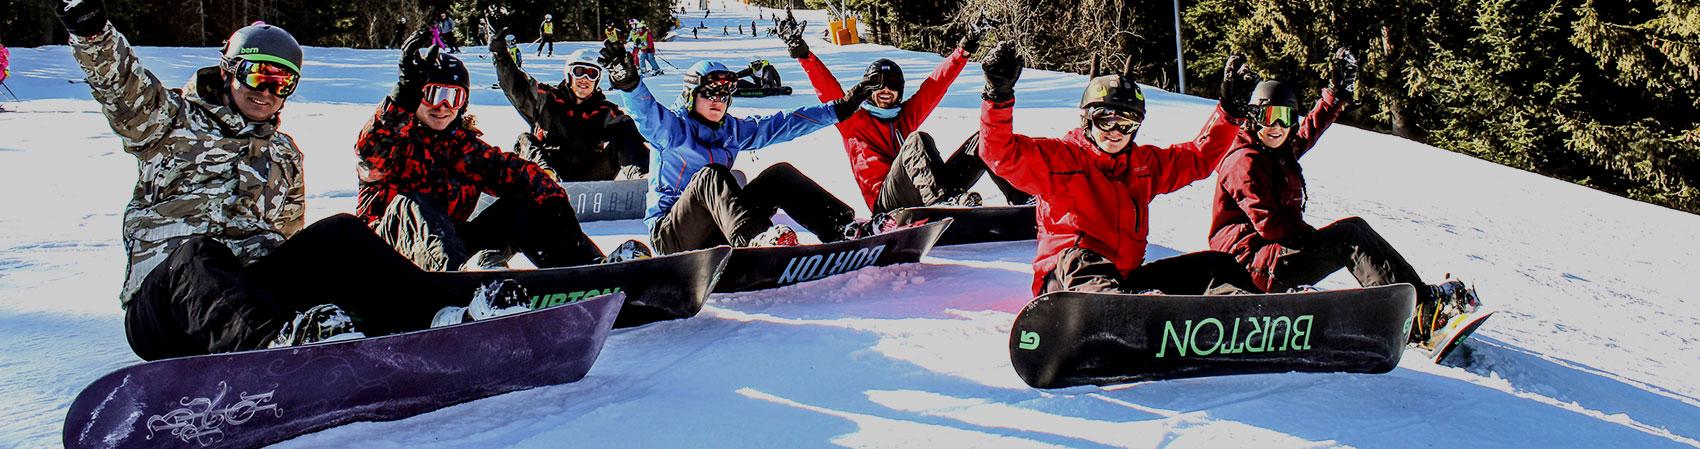 Full snowboard Packs